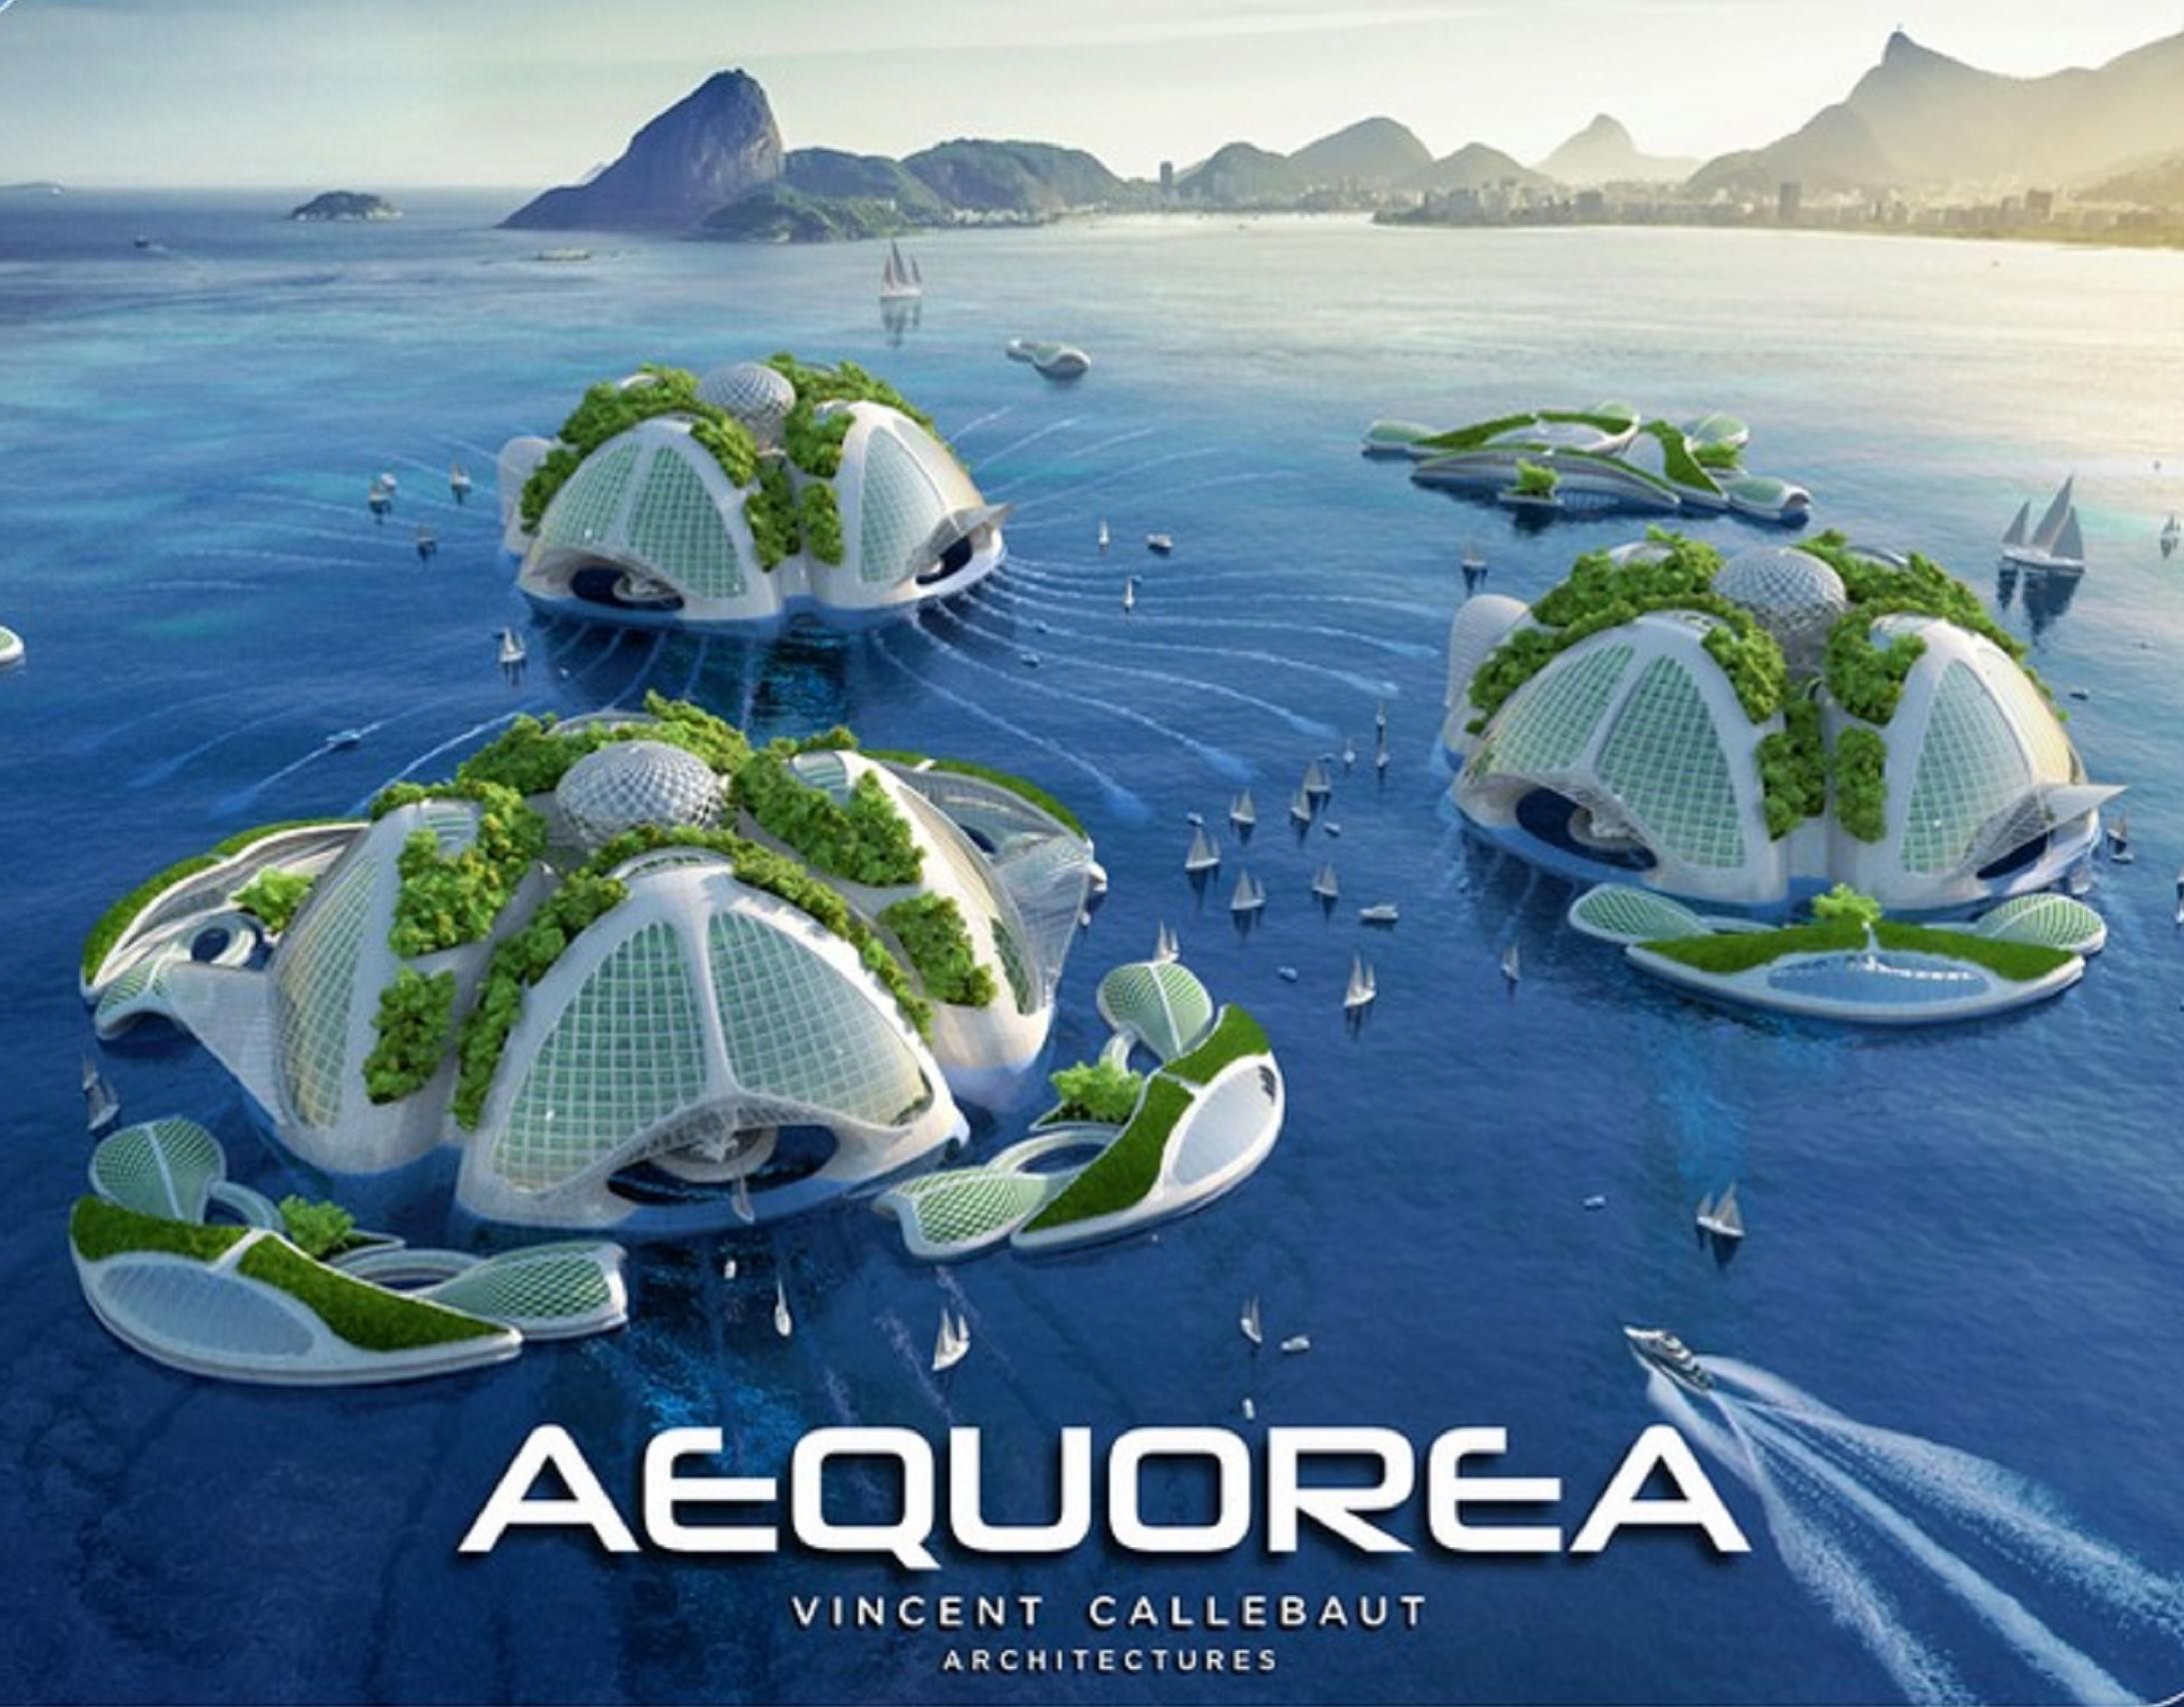 Aequorea Carbon-free 3D printed oceanscaper